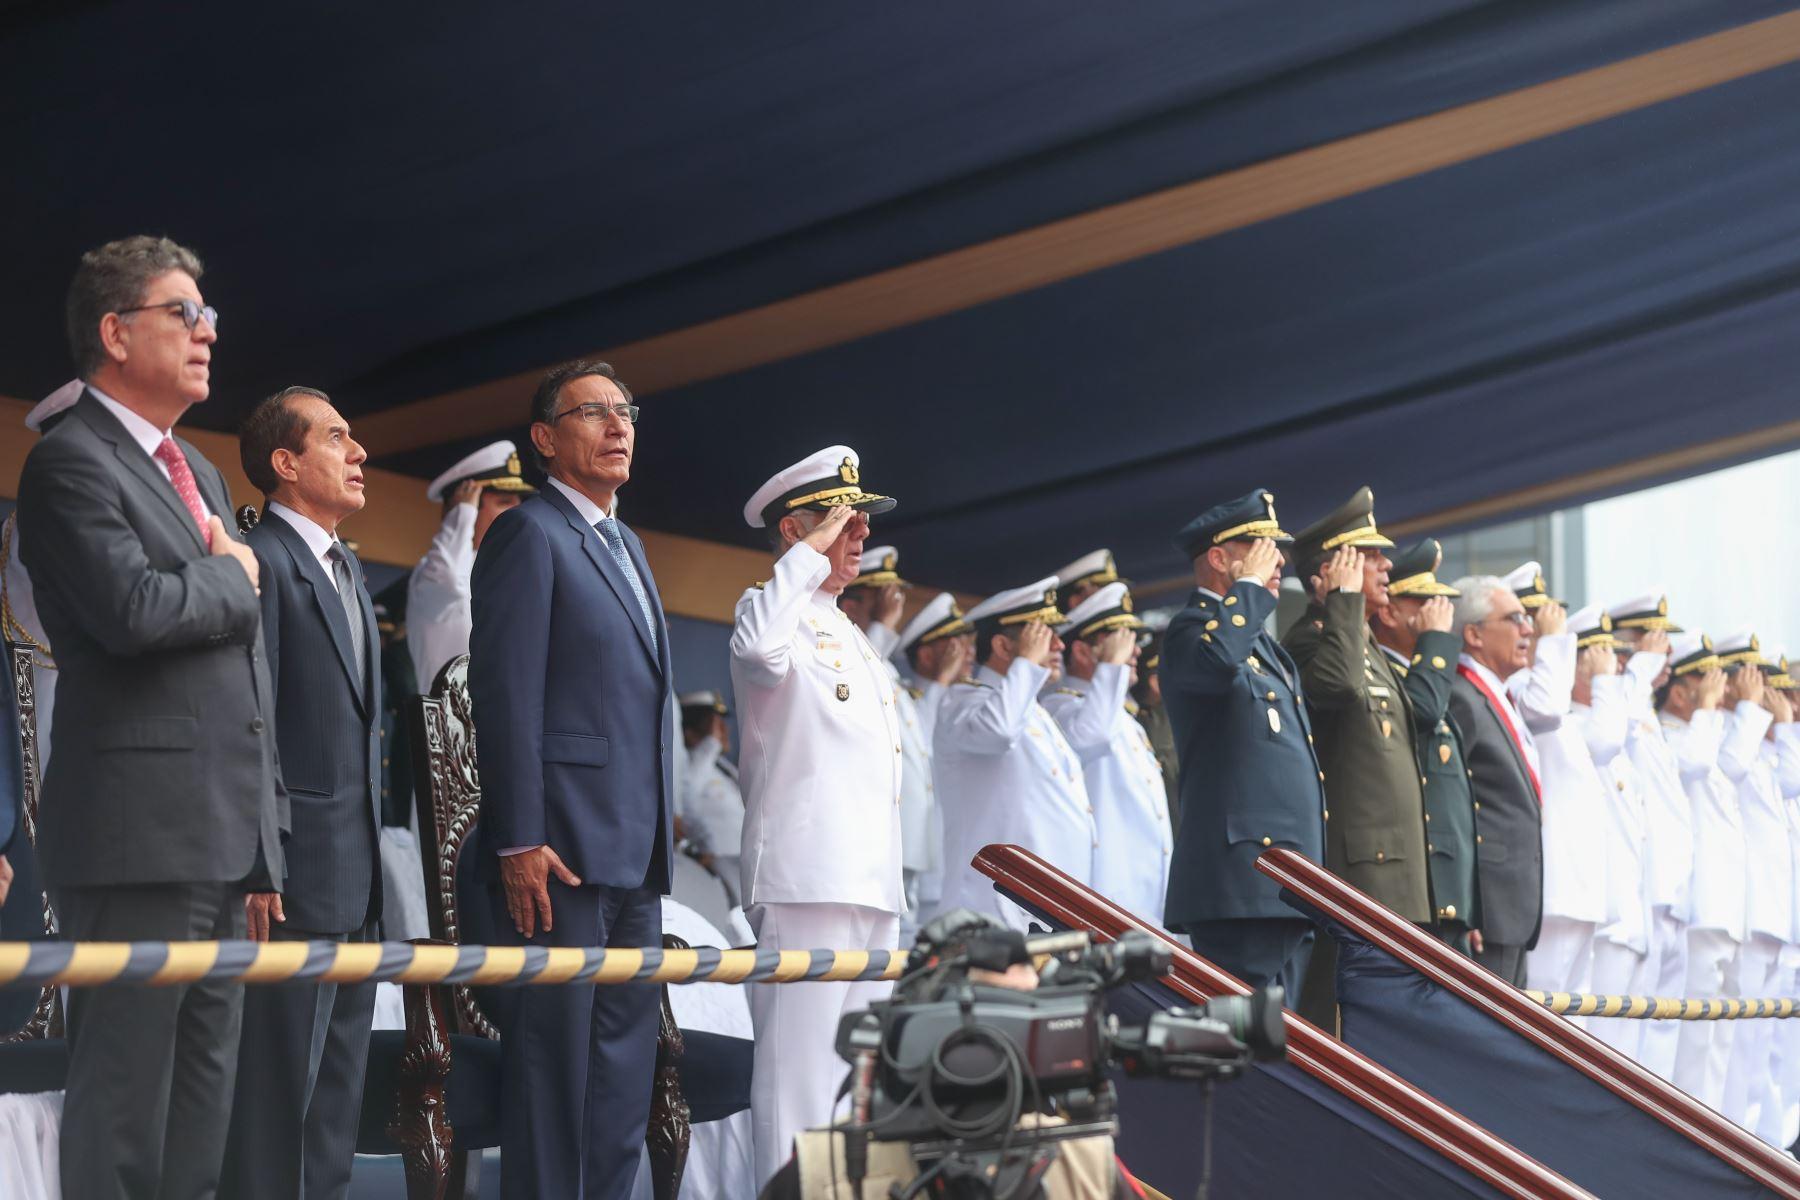 El Presidente de la república Martin Vizcarra, asiste a la ceremonia del zarpe del Buque Oceanográfico B.A.P. Carrasco a la Antártida. Foto: ANDINA/ MINDEF